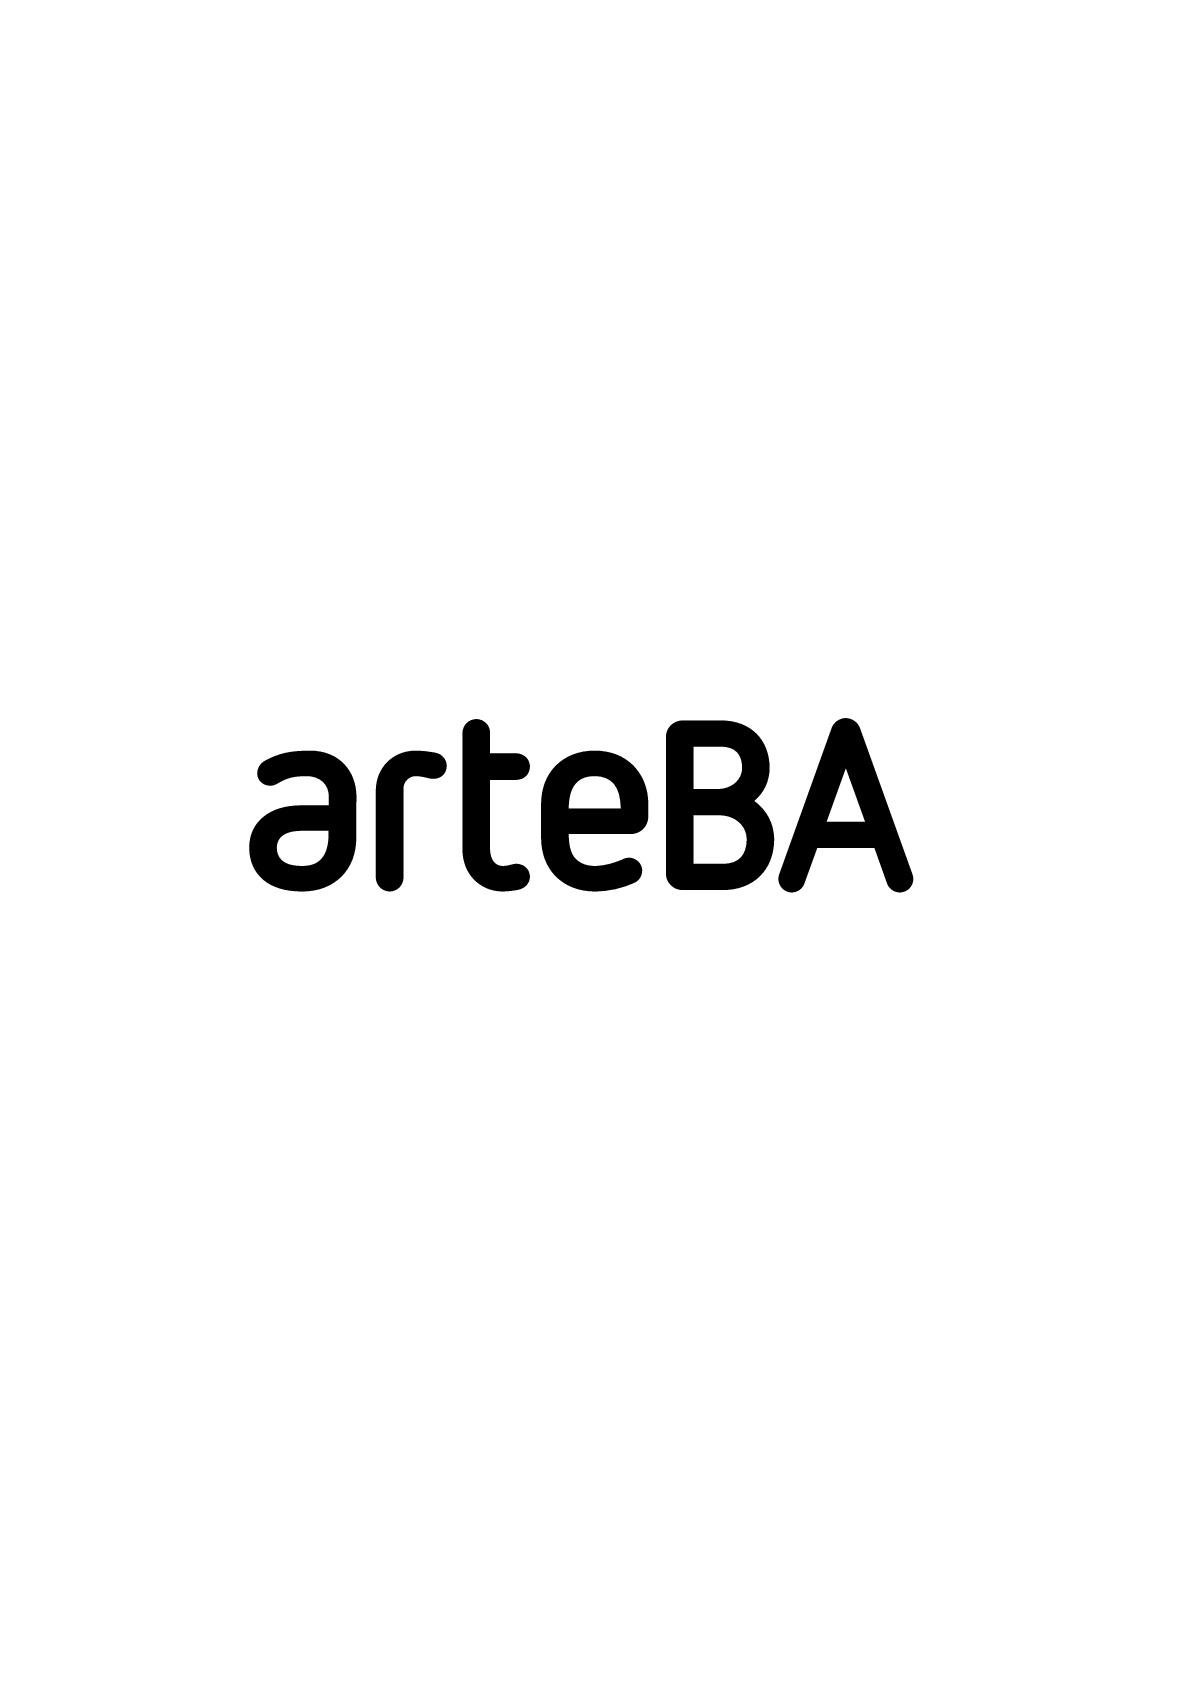 arteBA Fundación